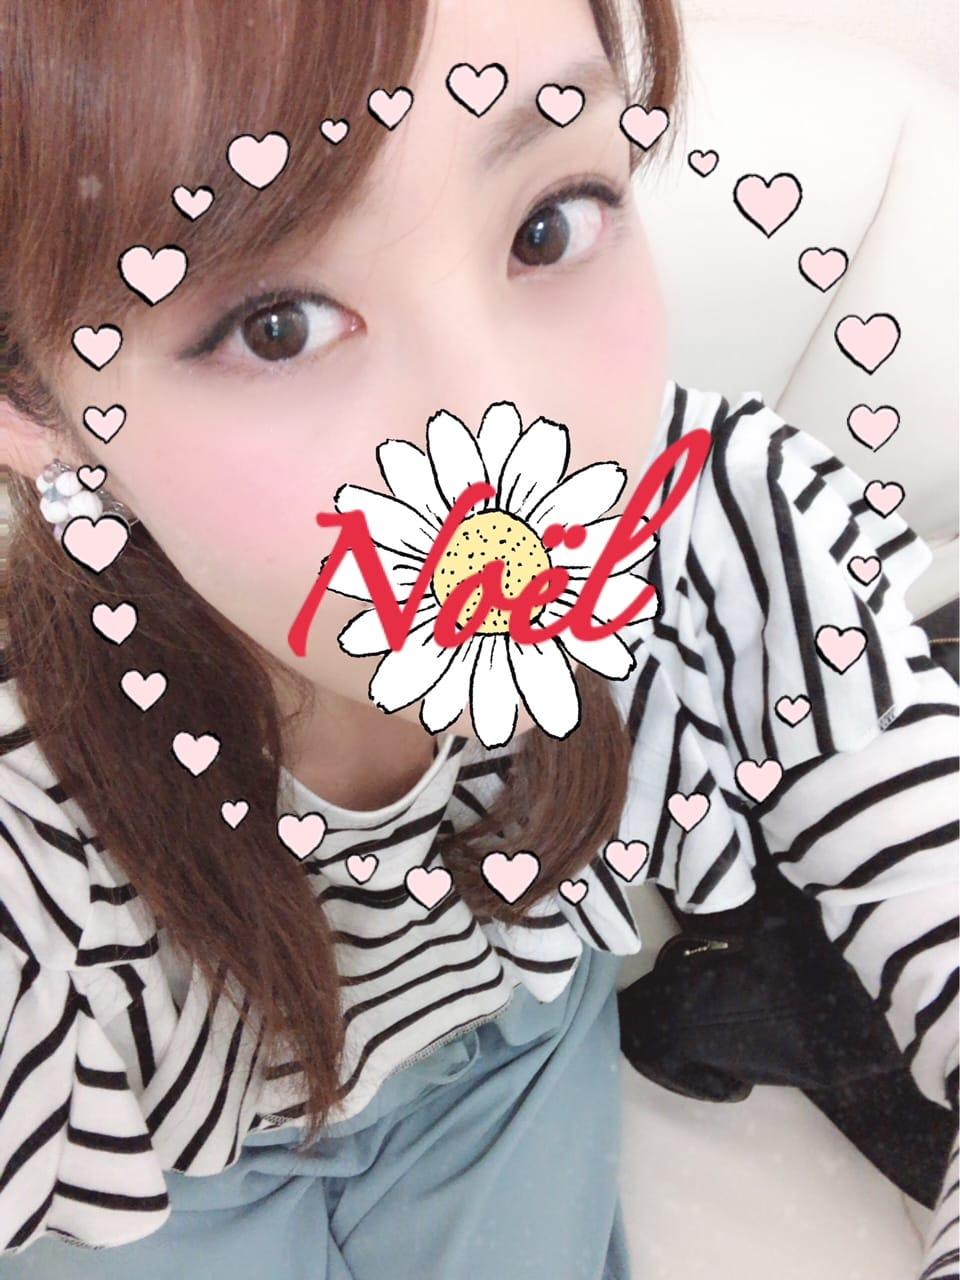 「こんばんは?」03/13(火) 20:26 | のえるの写メ・風俗動画